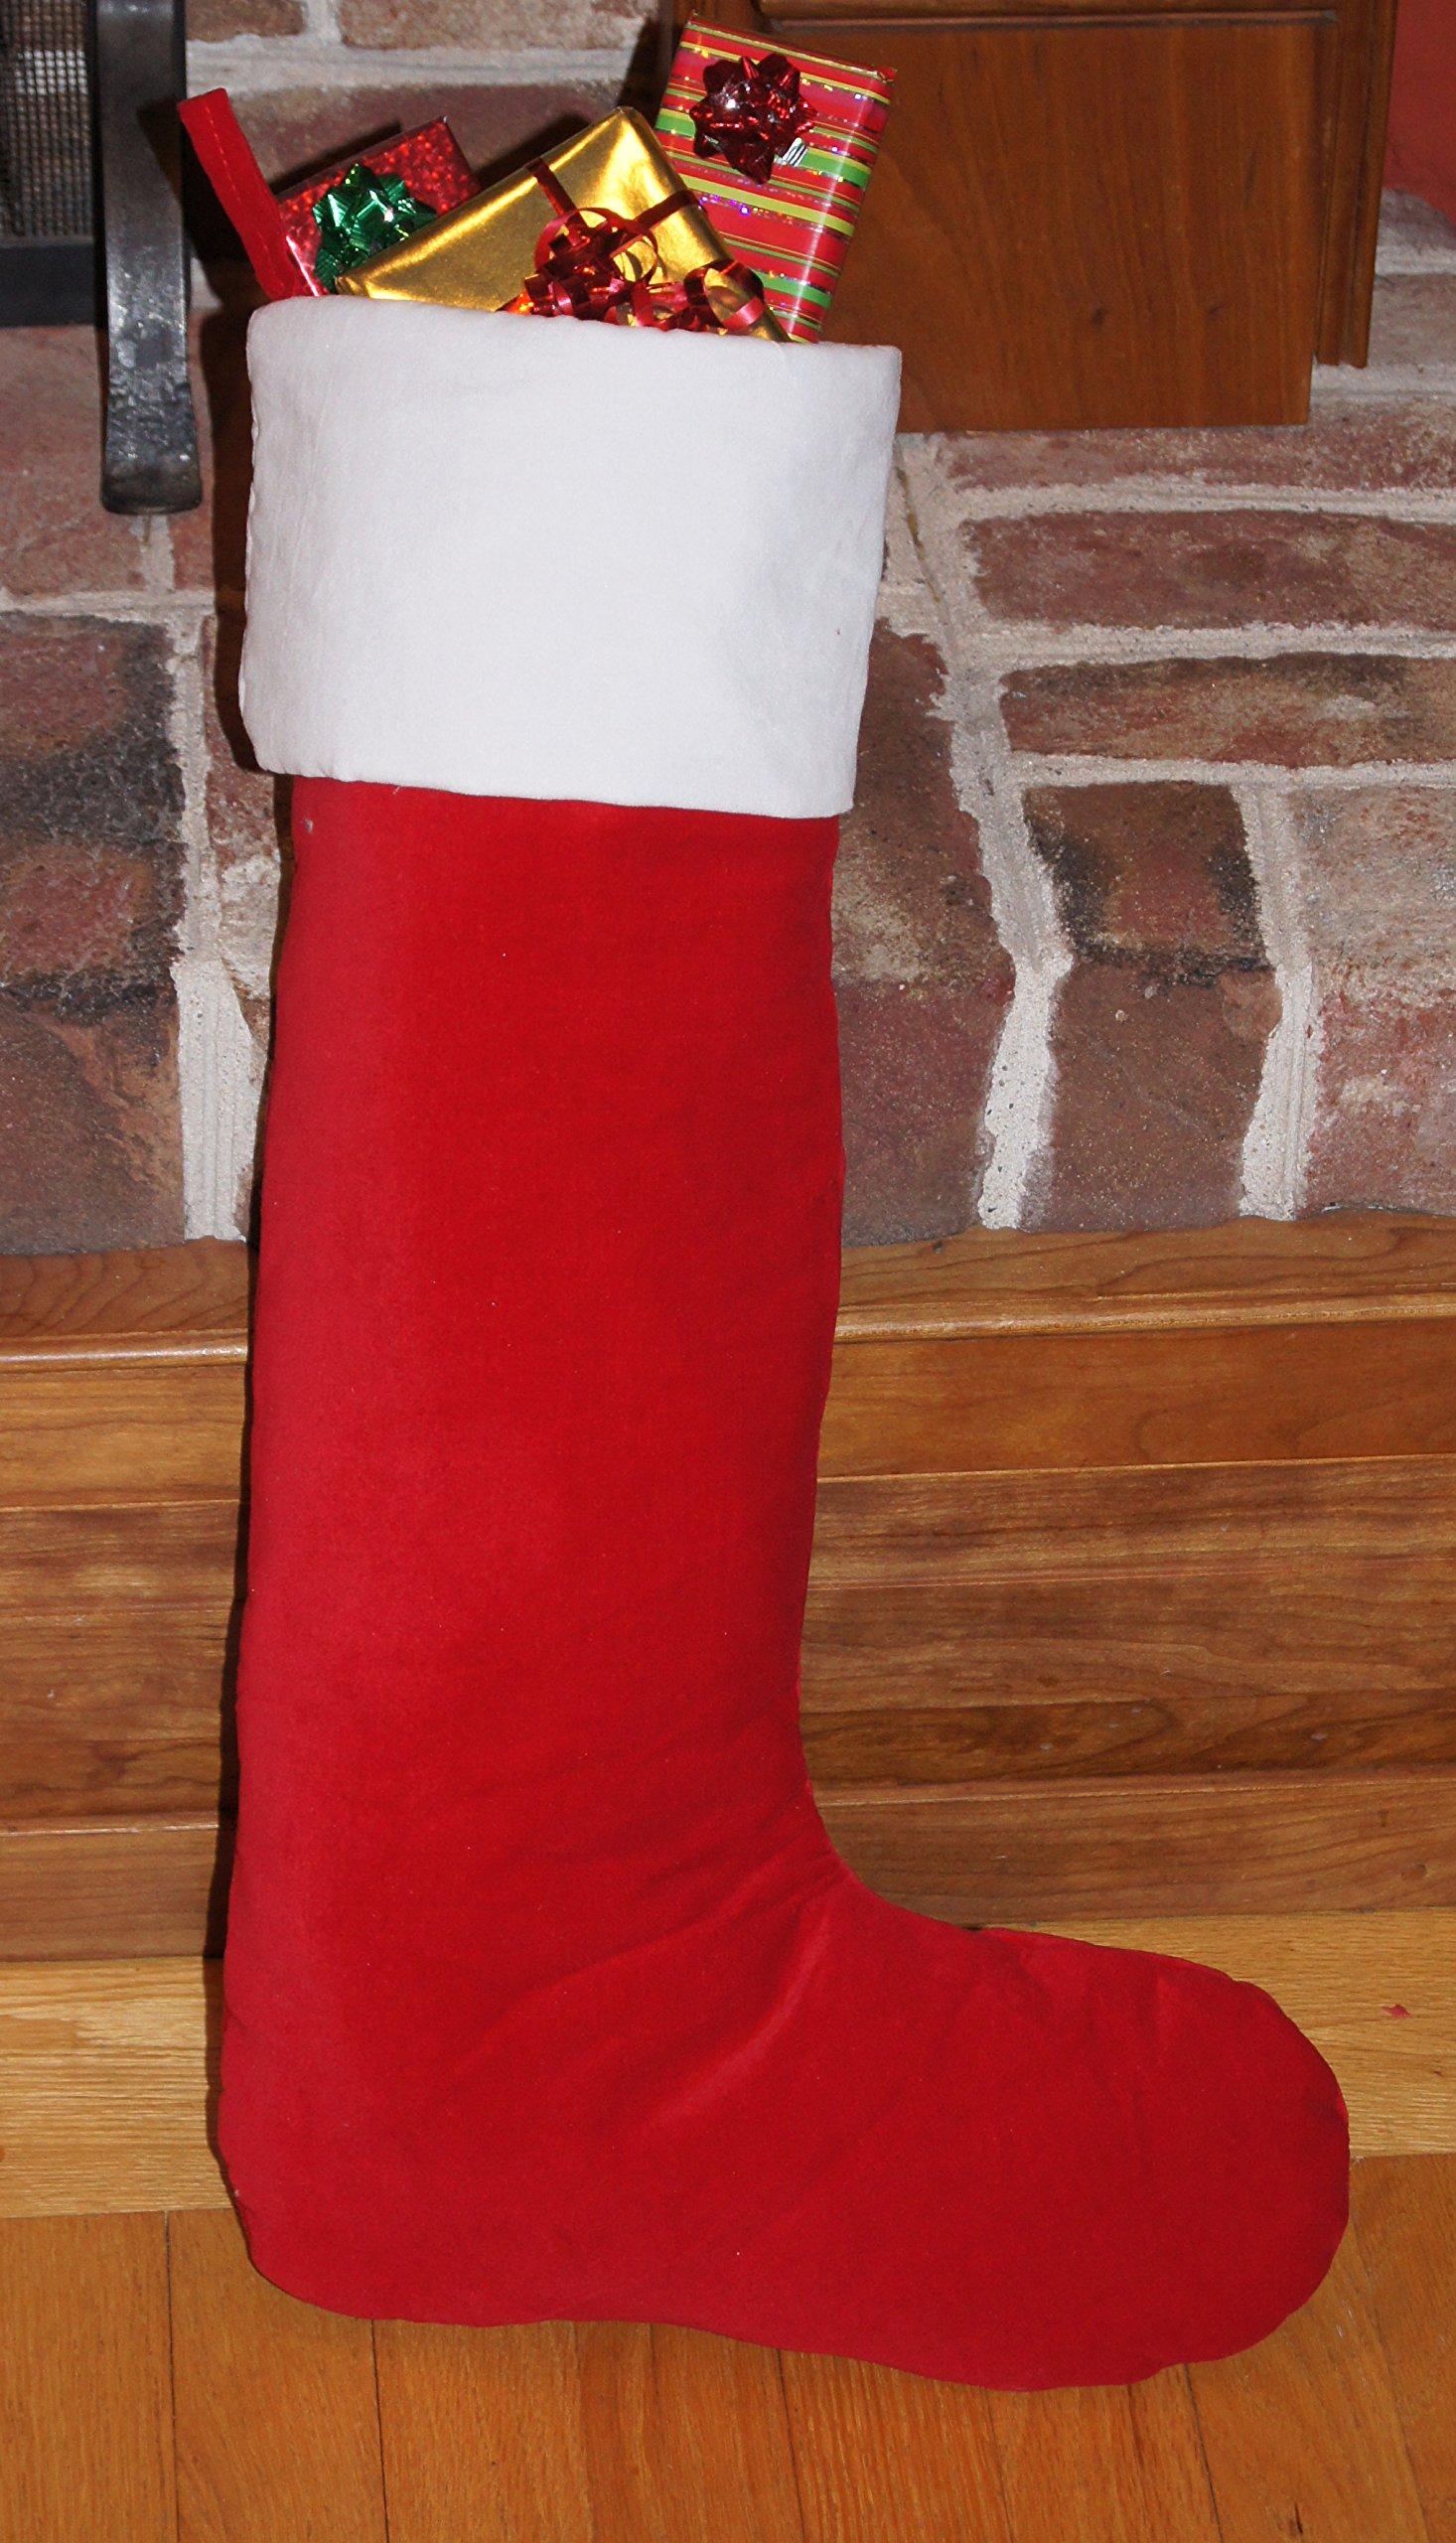 Cheap Red Velvet Christmas Stocking, find Red Velvet Christmas ...